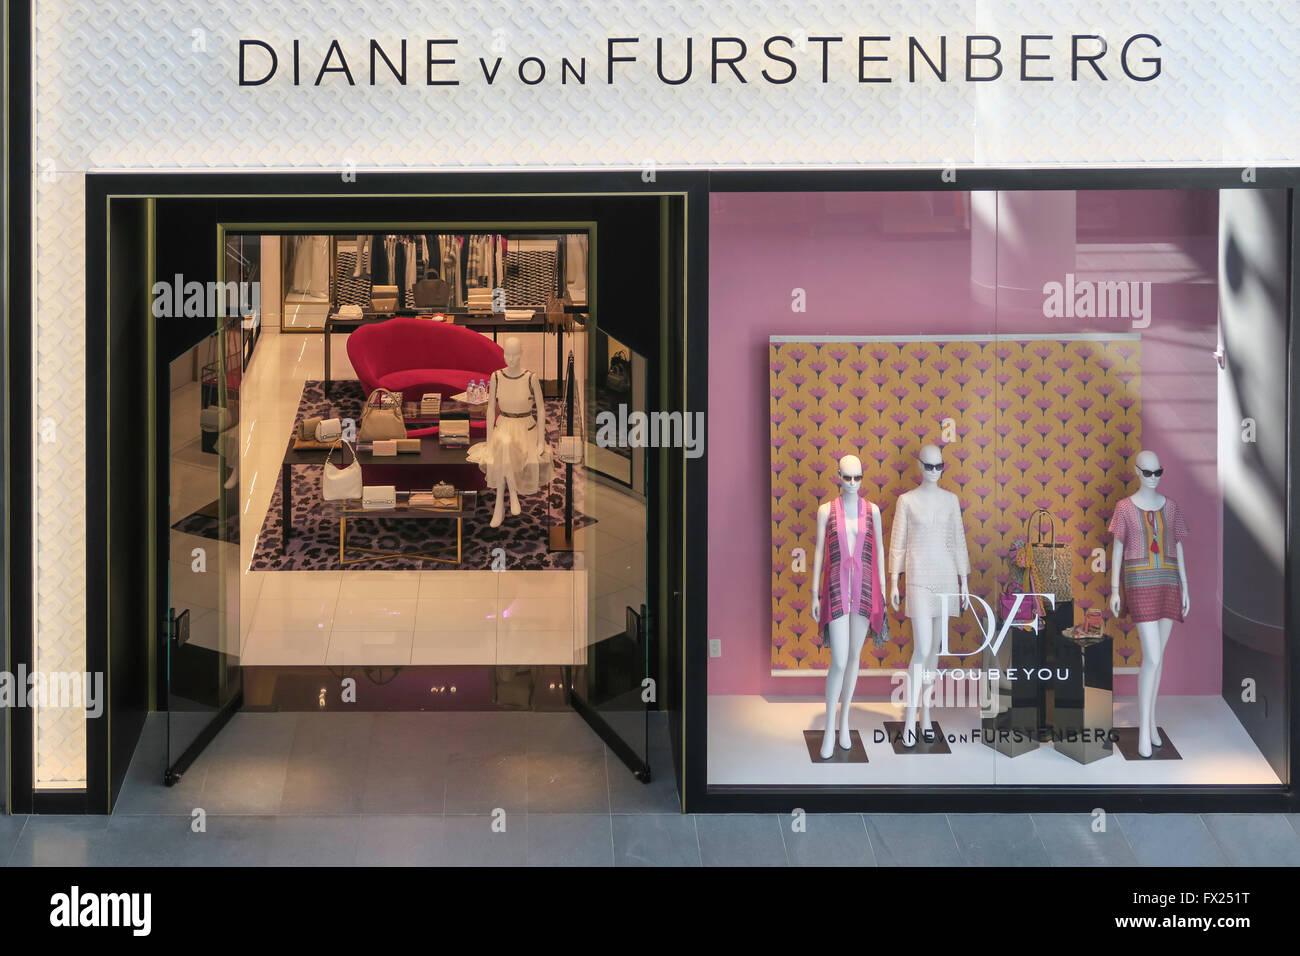 Diane von furstenberg stock photos diane von furstenberg for West brookfield elementary school craft fair